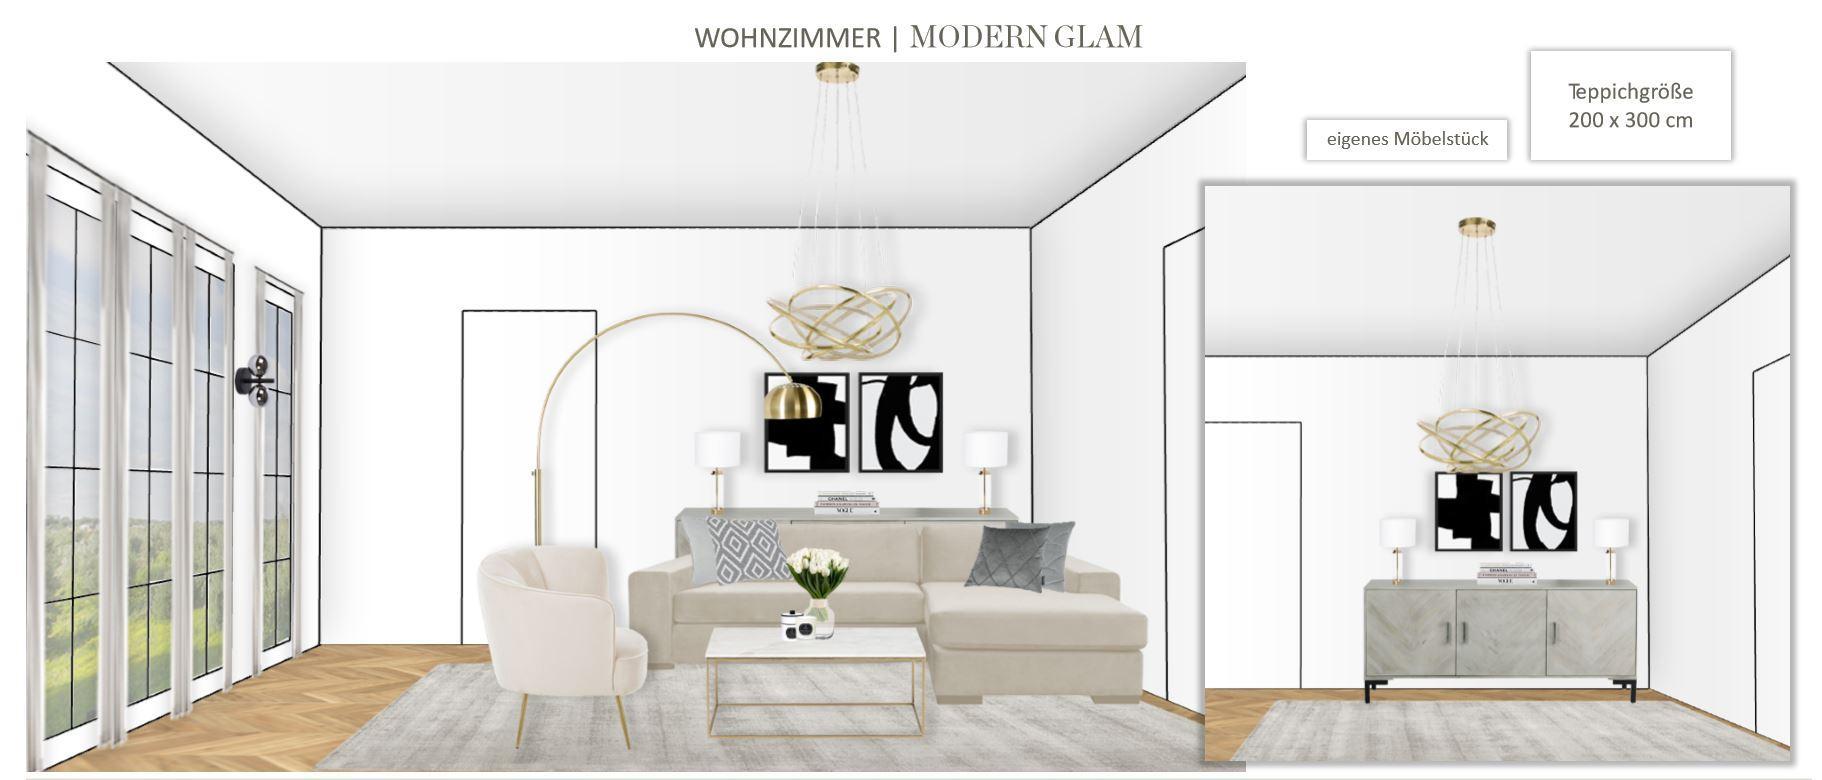 Grosses Wohn Esszimmer einrichten Entwurf Wohnbereich Modern Glam